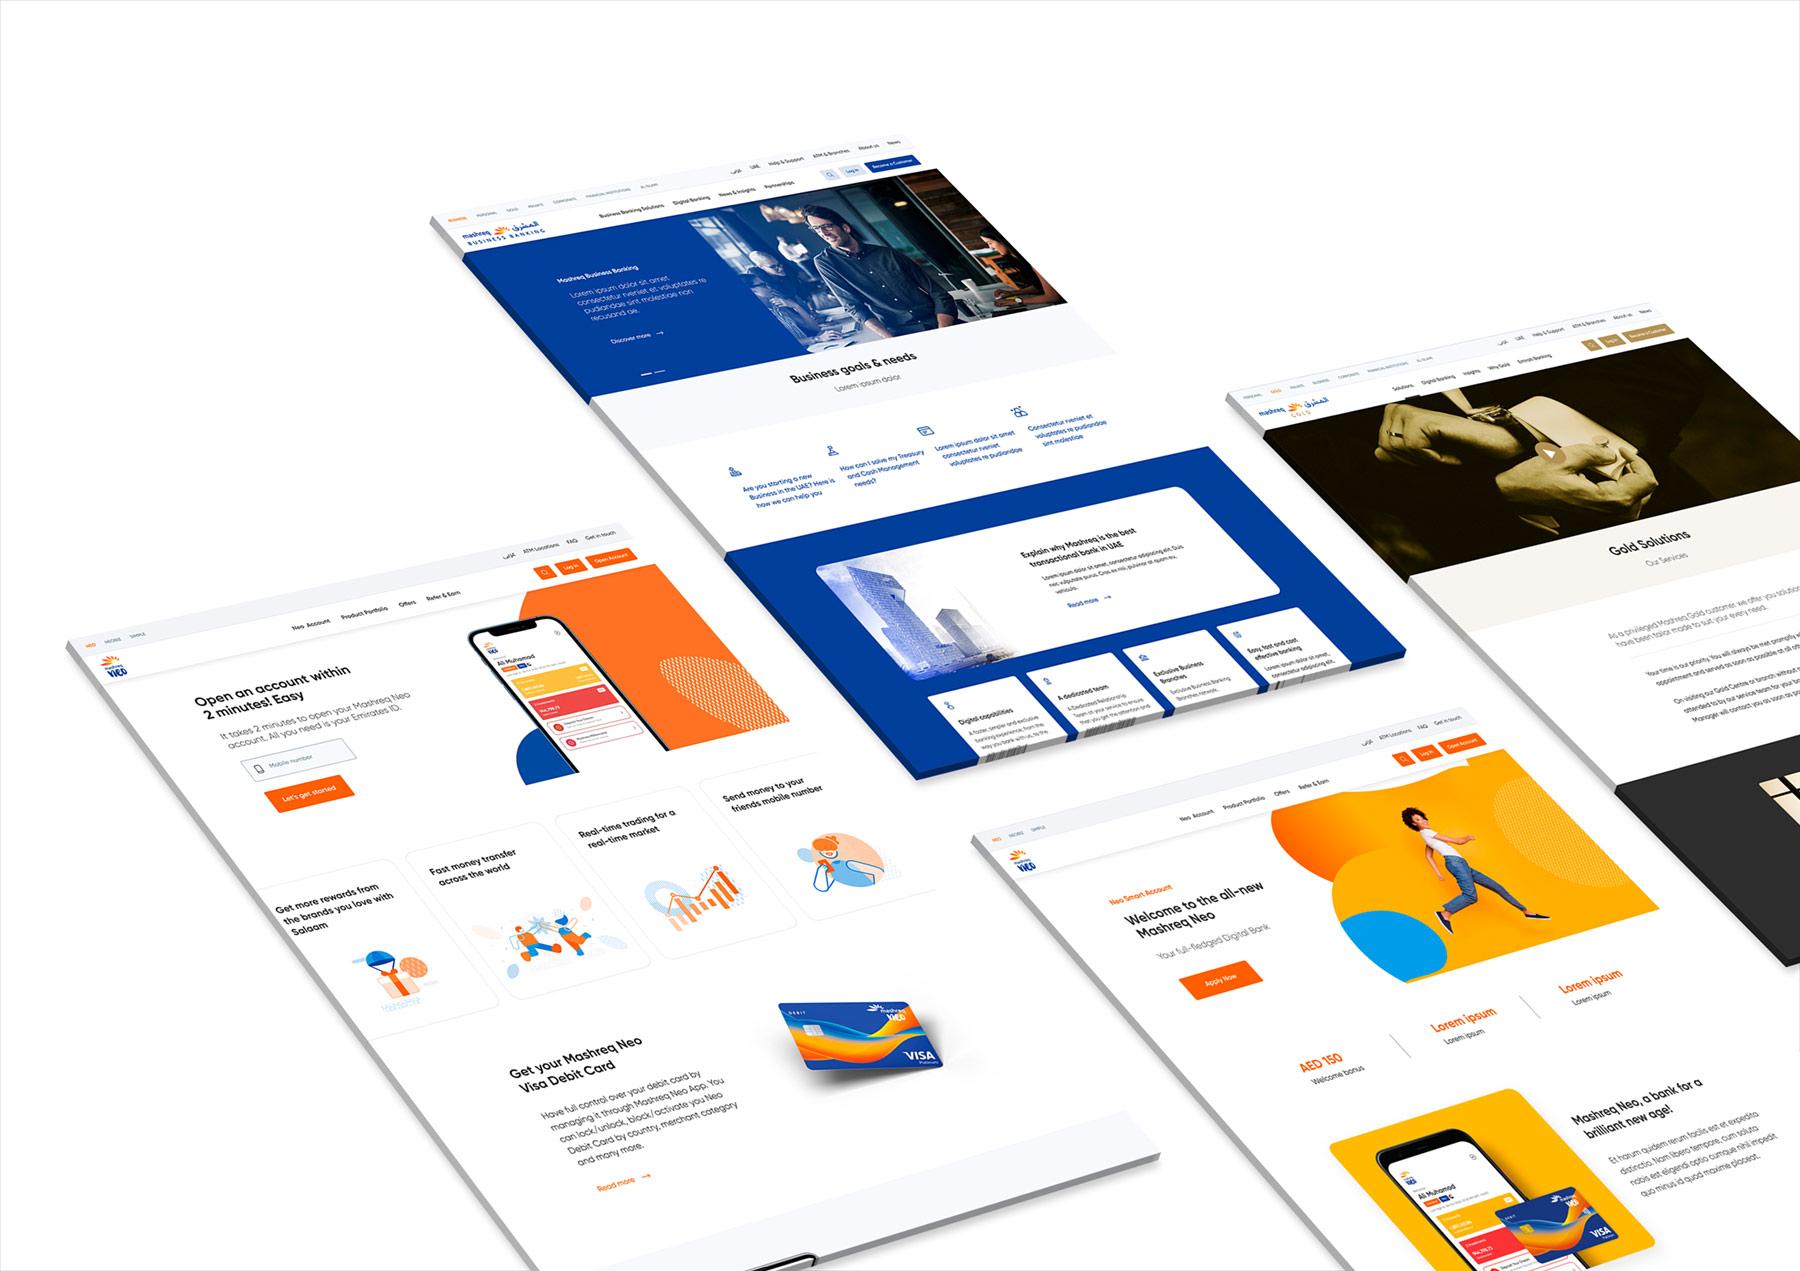 mashreq-website-neo-business-gold